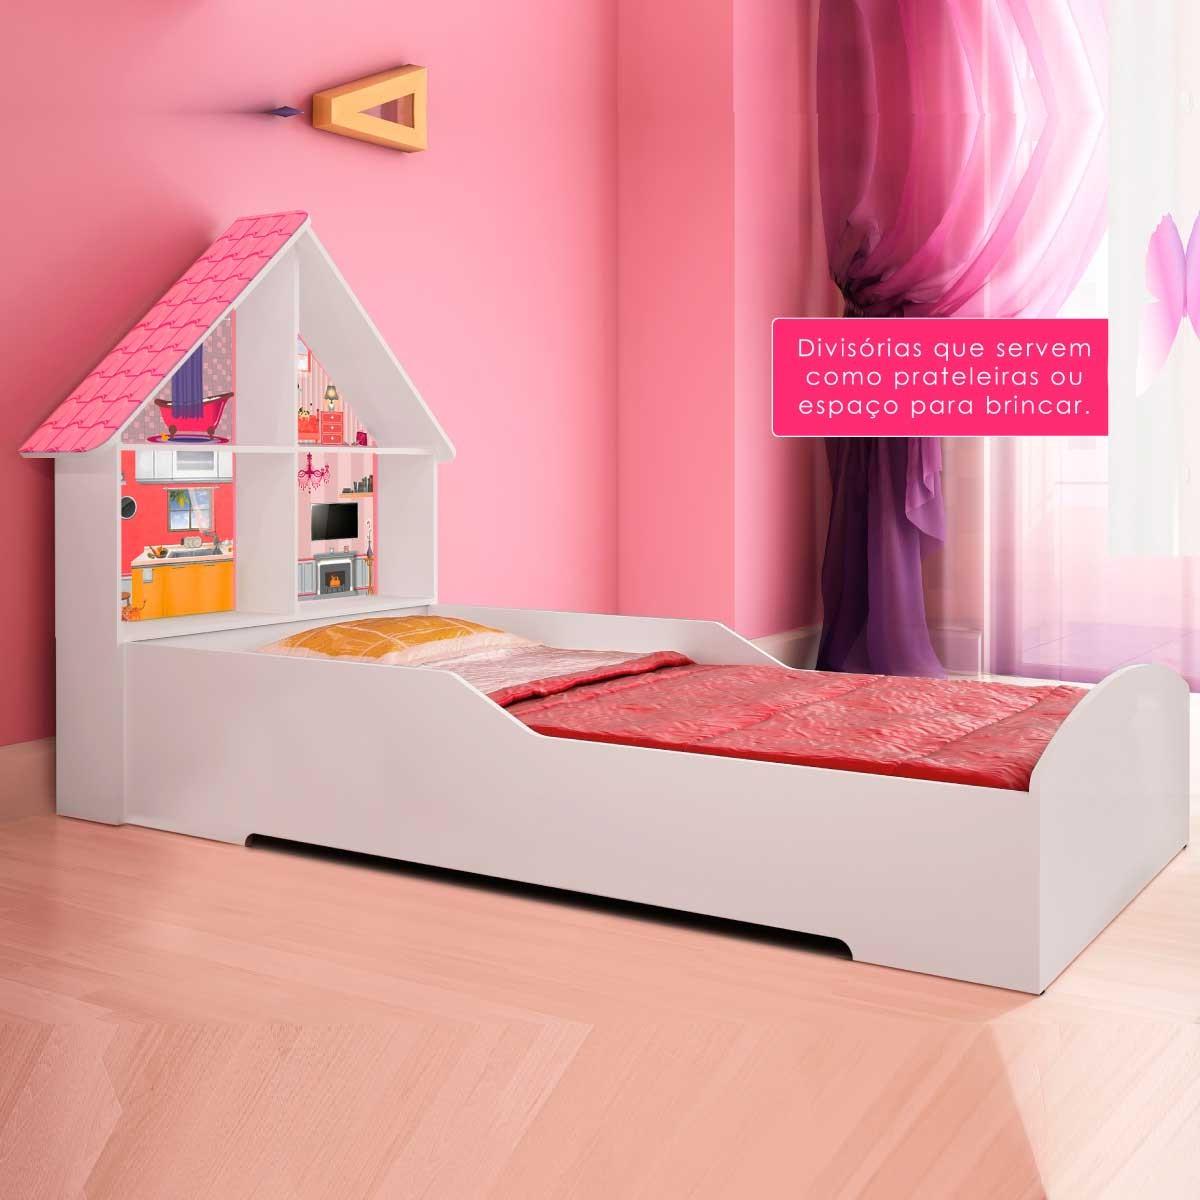 Cama infantil casinha para meninas em promo o branca r - Dosel para cama infantil ...